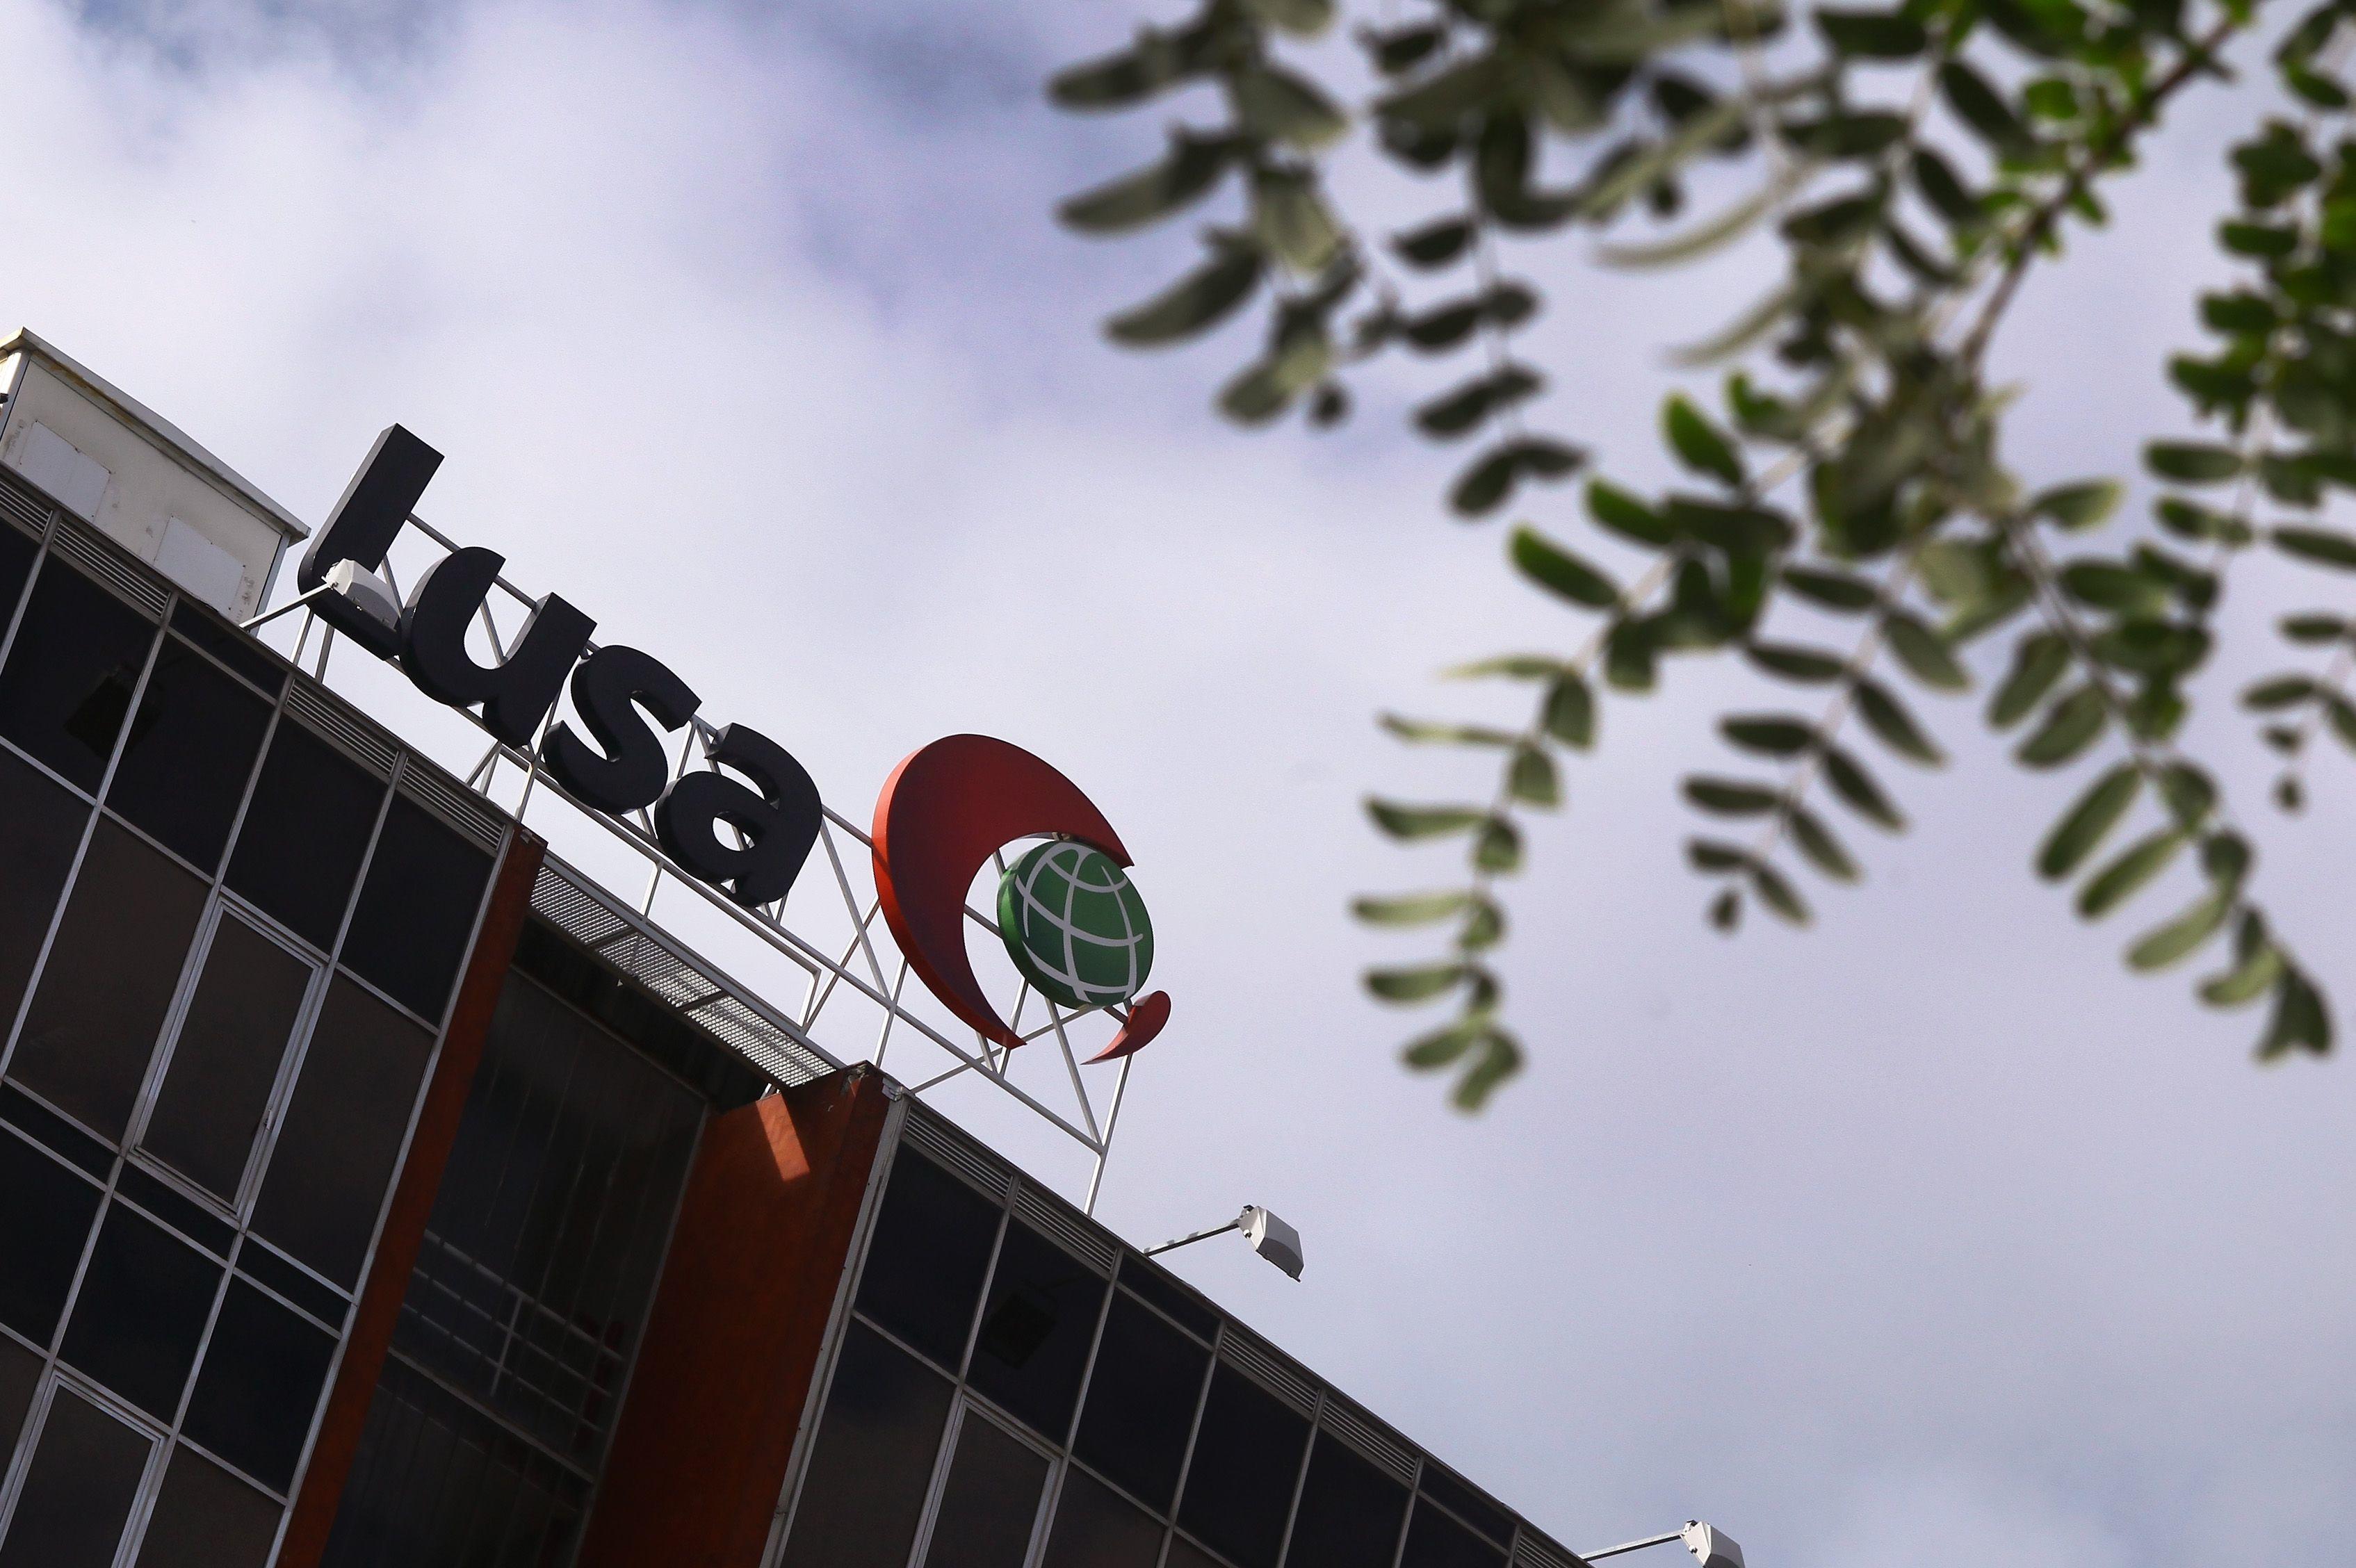 Agência Lusa e Câmara de Comércio e Indústria Portugal-Angola assinam protocolo